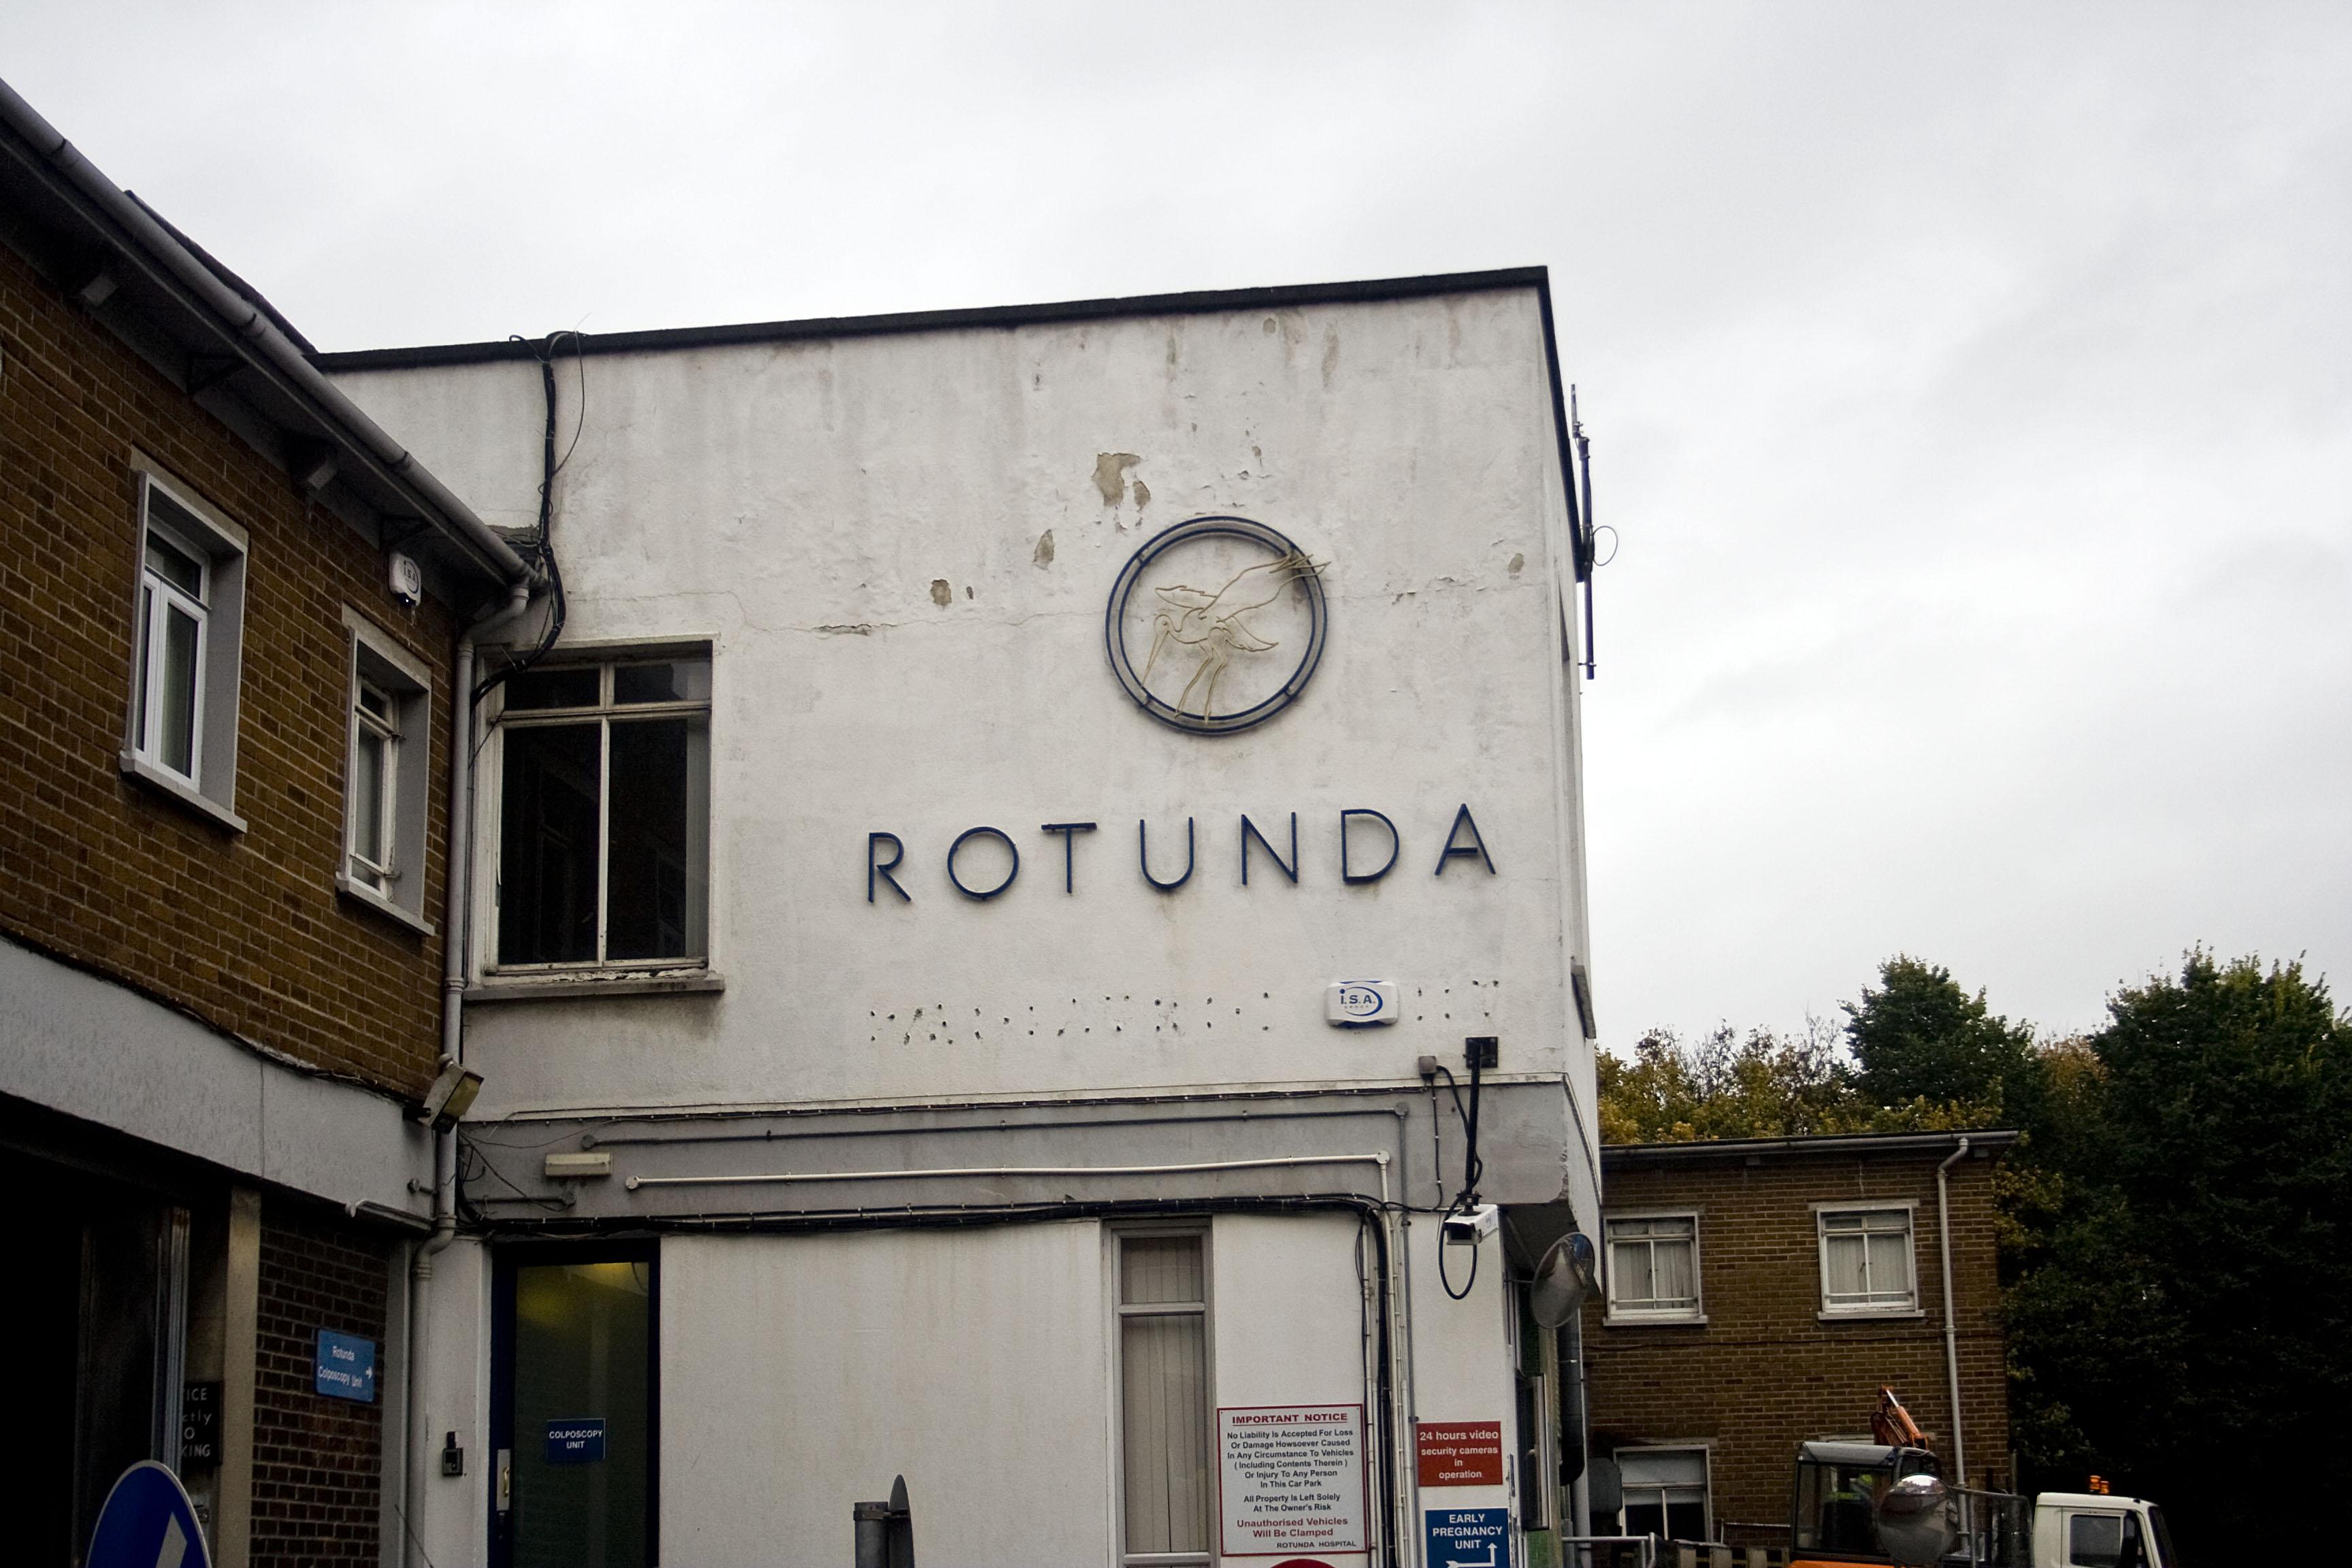 Rotunda hospital, ospedale natale di Paul Hewson in arte Bonovox in pieno centro, nella zona della famosa O'Connell street, la via principale di Dublino